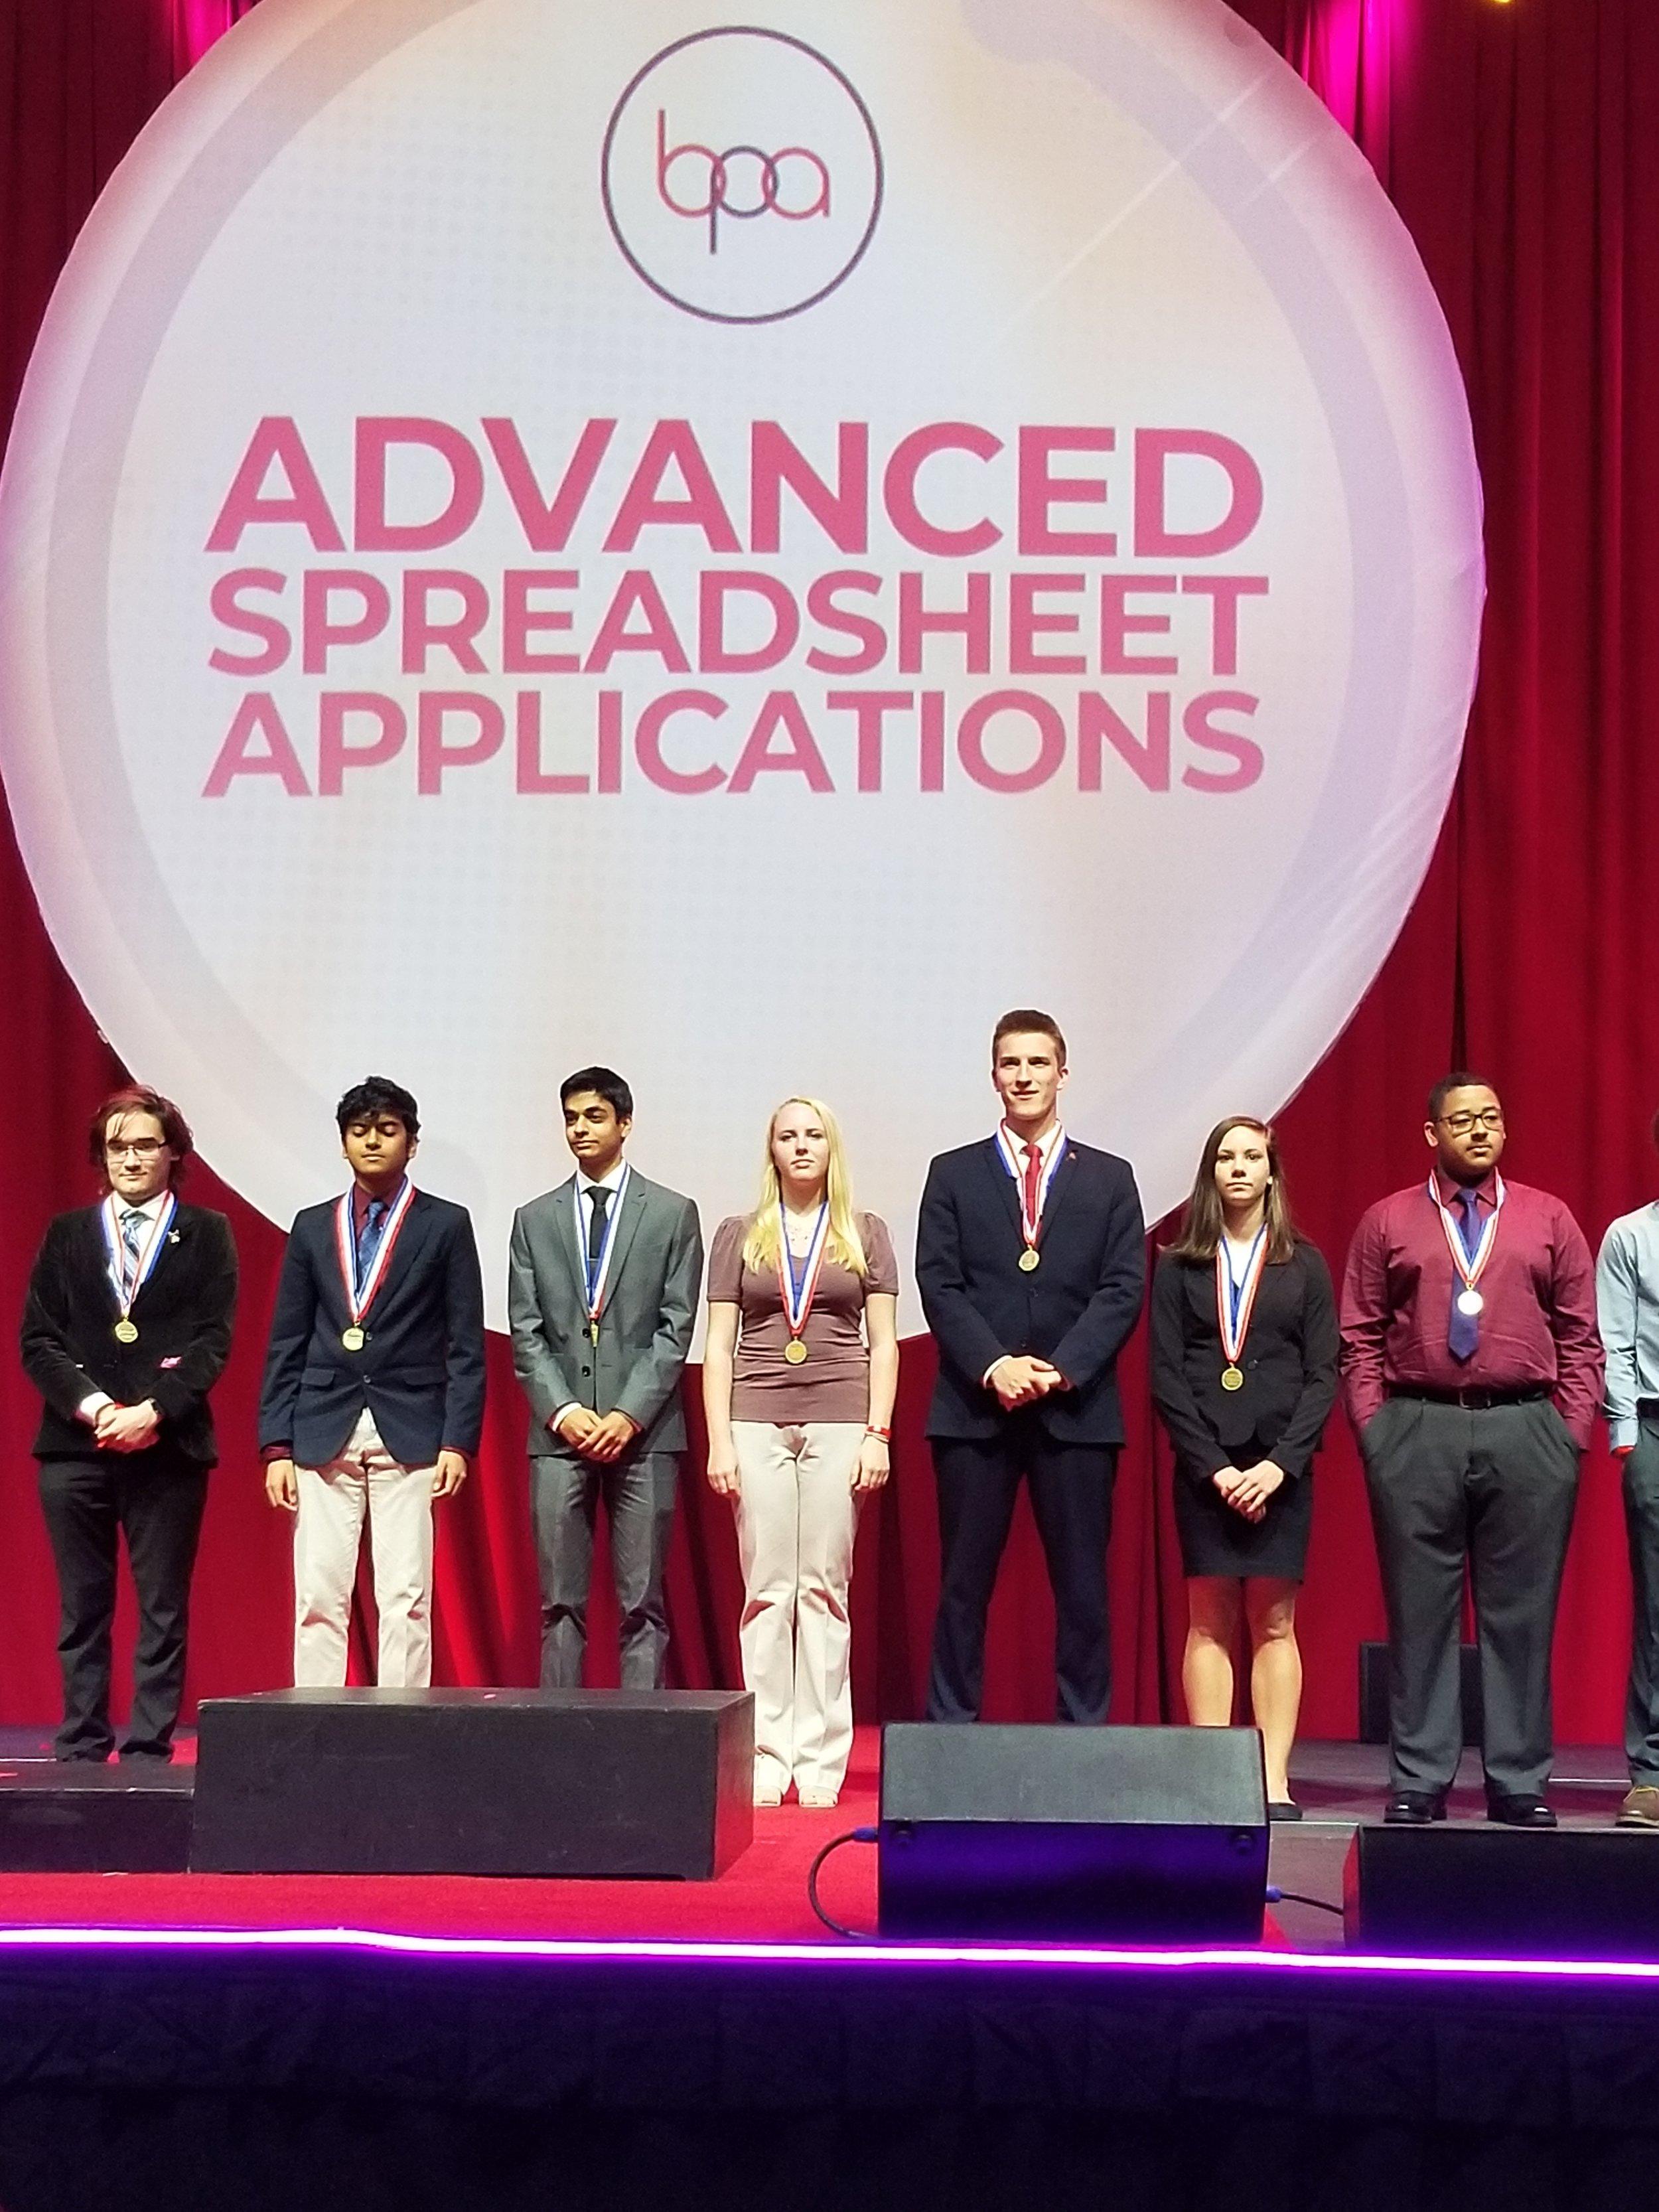 Advanced Spreadsheet Applications (S) winners (2019 NLC)